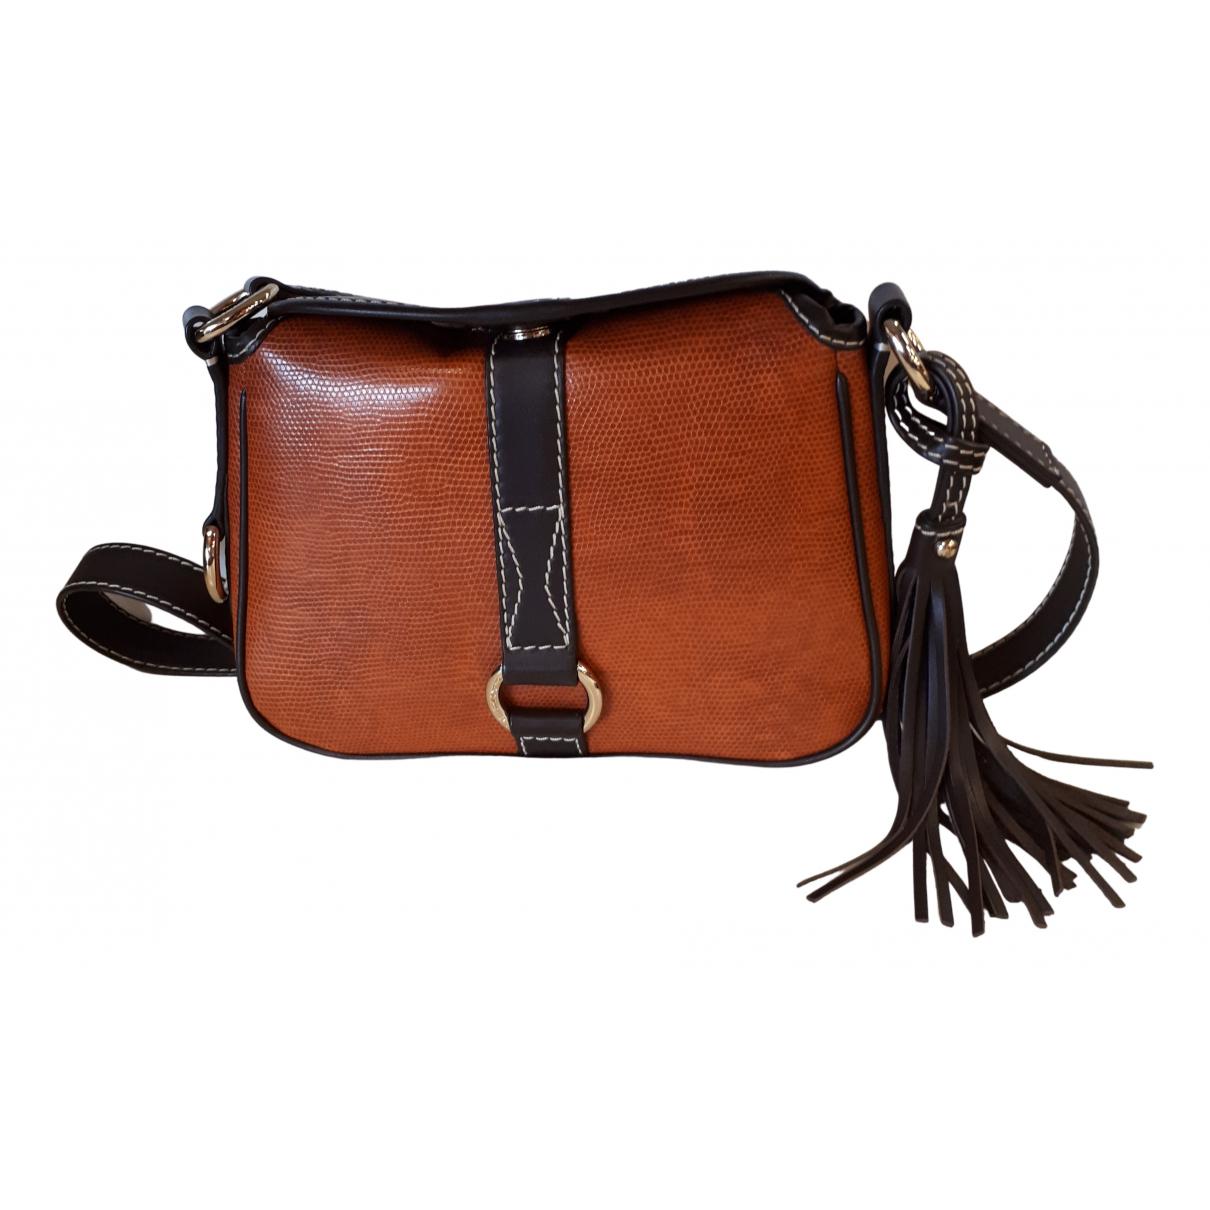 Lancel \N Handtasche in  Braun Leder